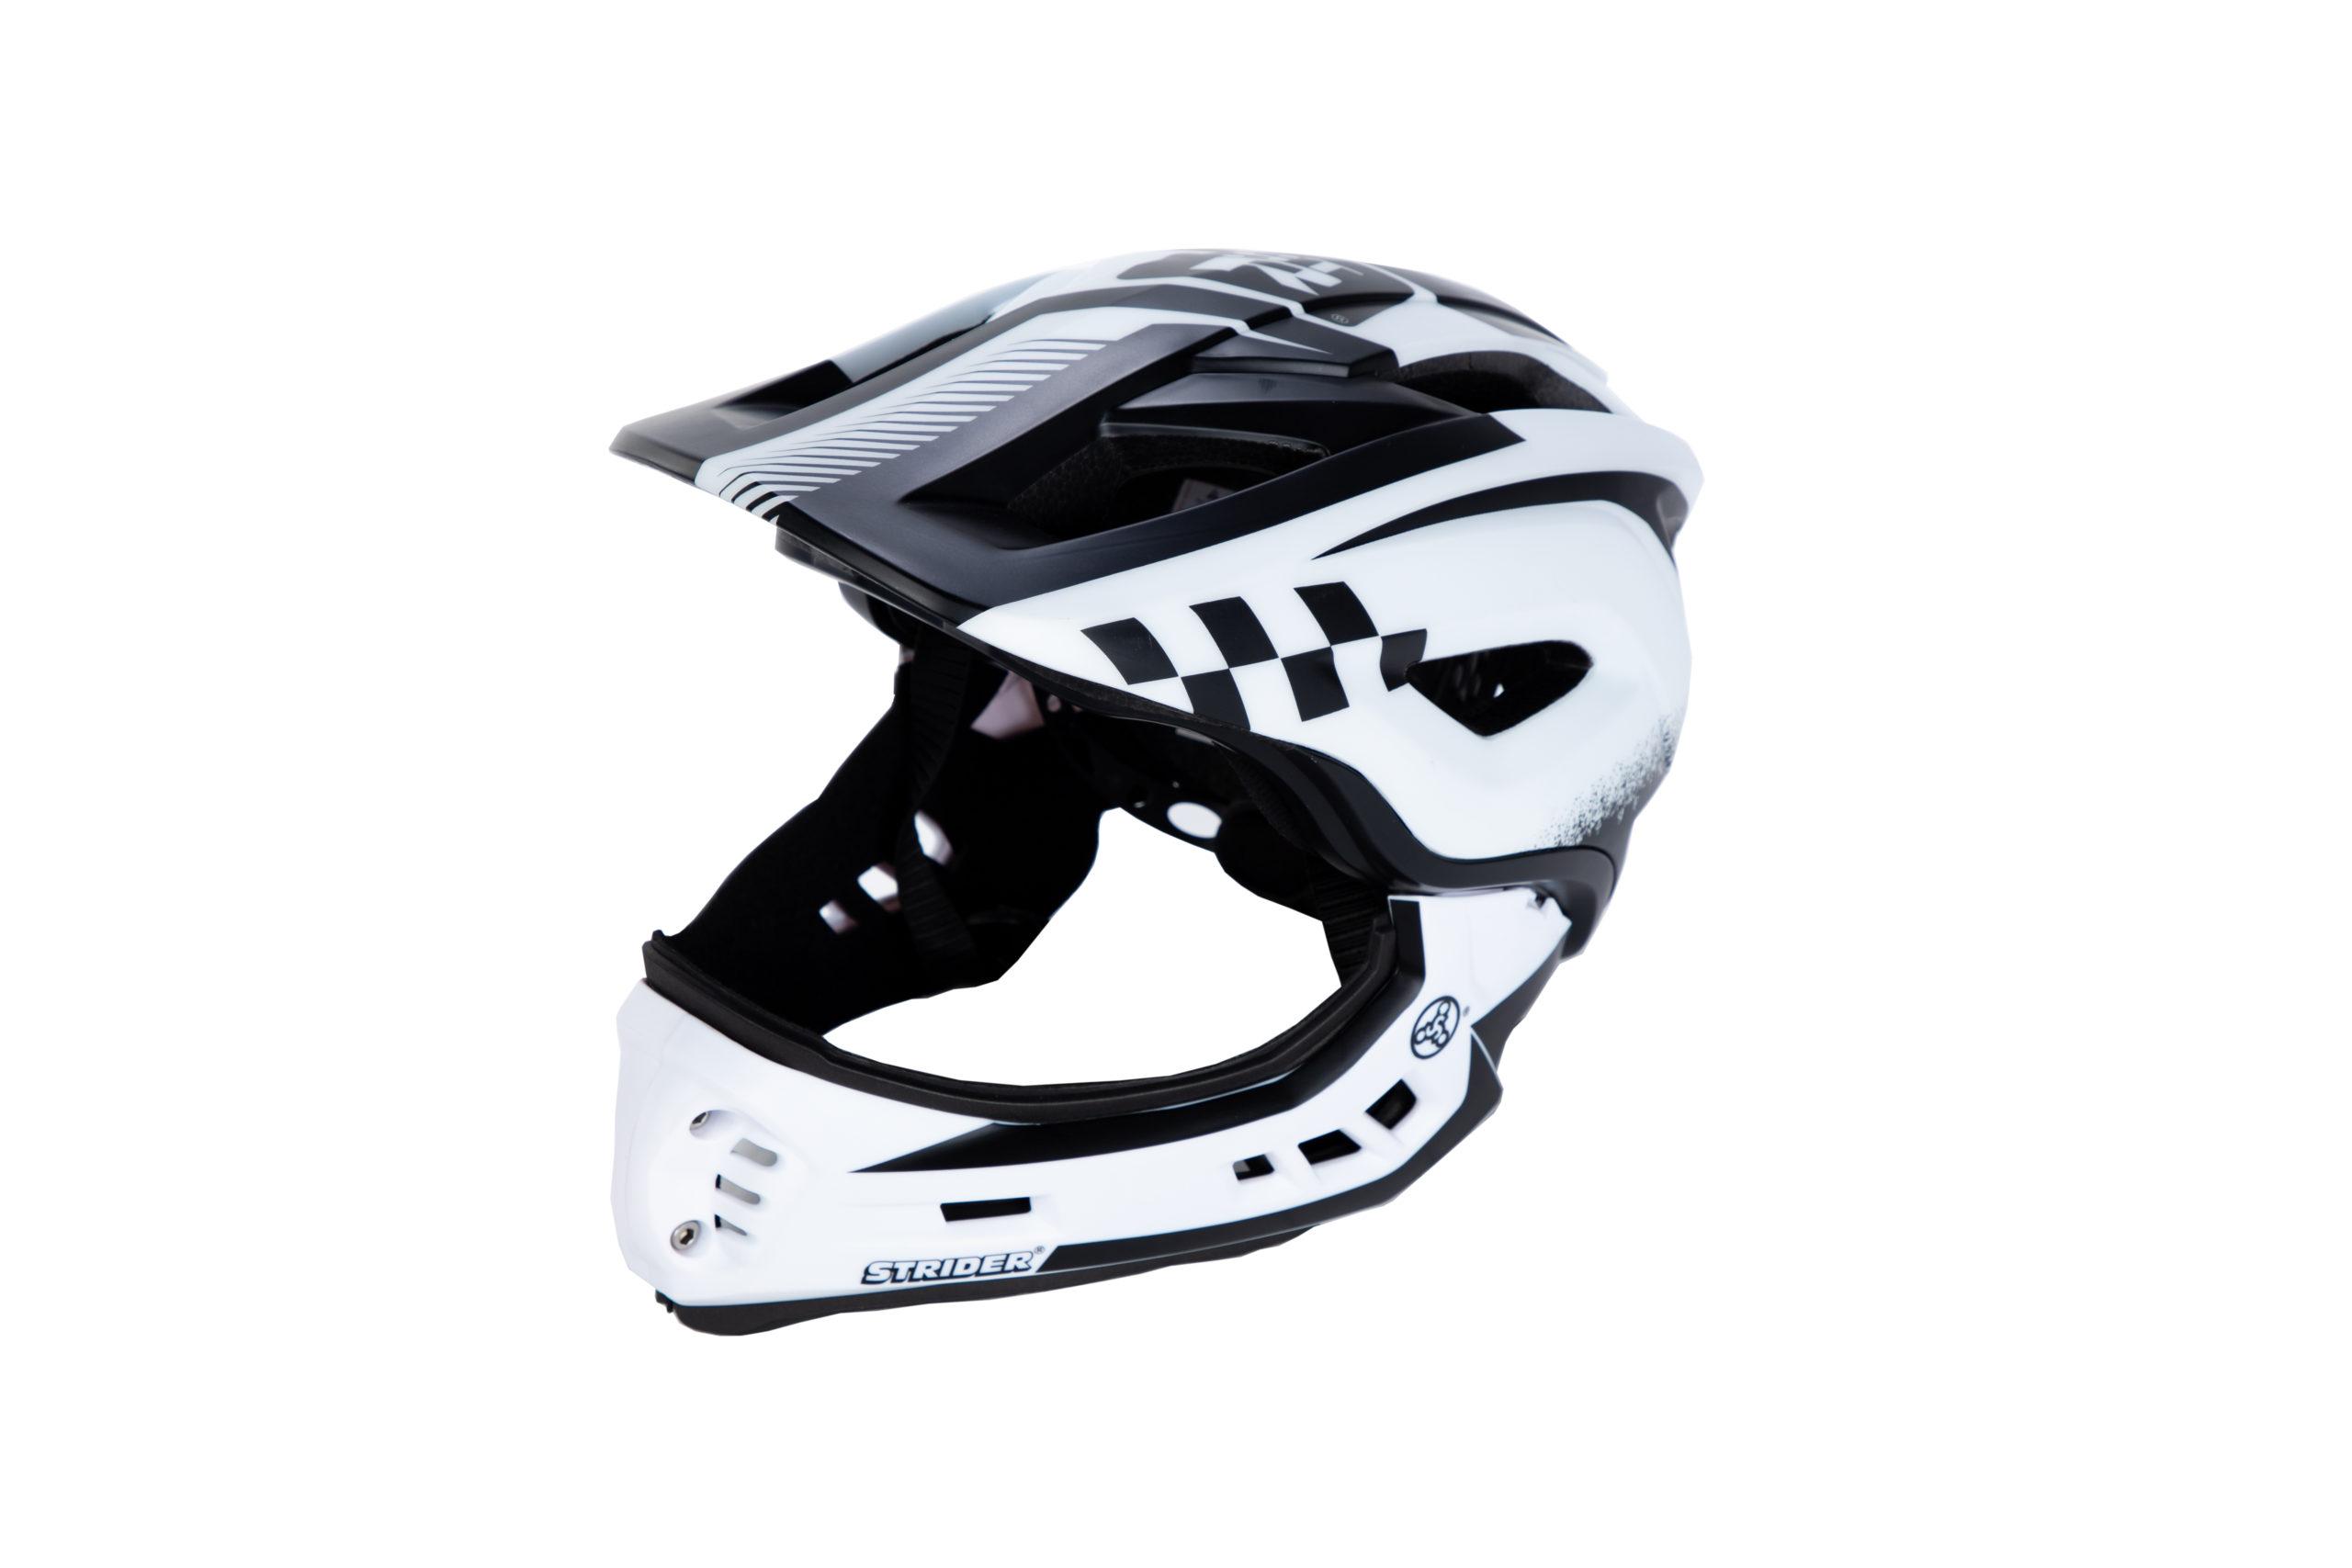 ST-R Full-Face Helmet in white